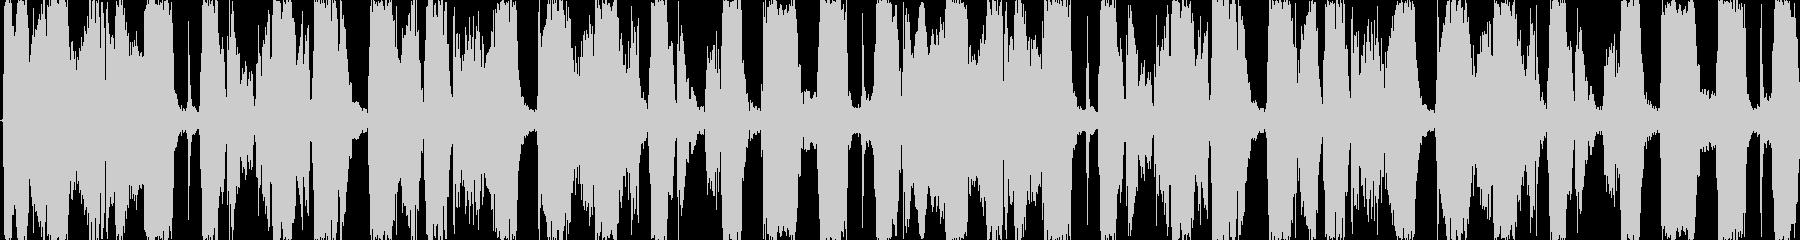 EDM系BGMの未再生の波形